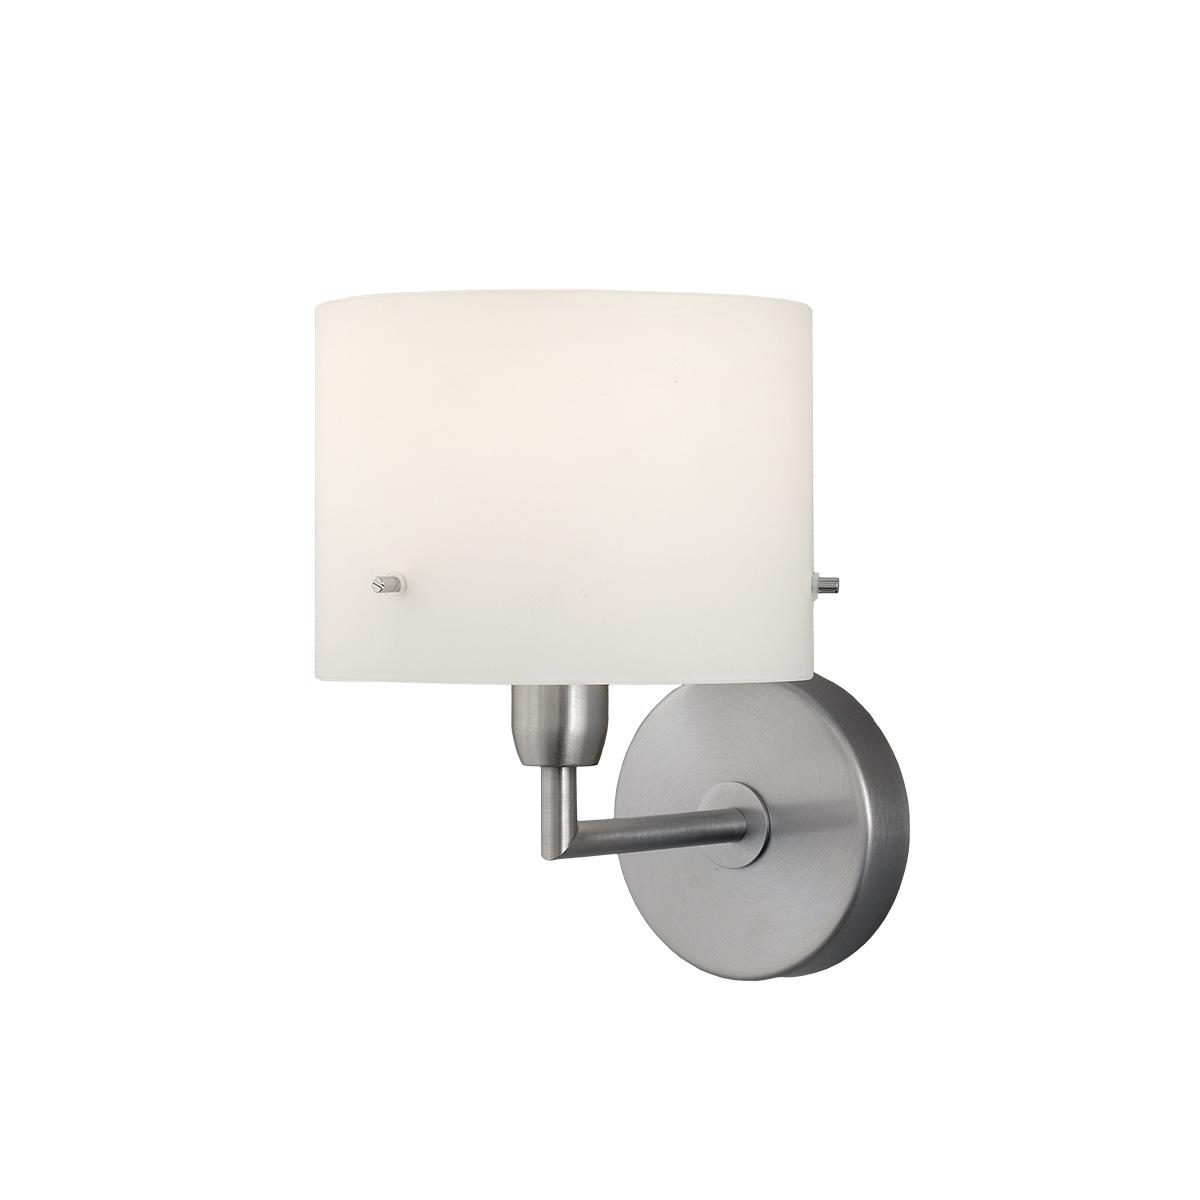 Μοντέρνα απλίκα Μουράνο ΚΥΛΙΝΔΡΟΙ modern Murano wall lamp